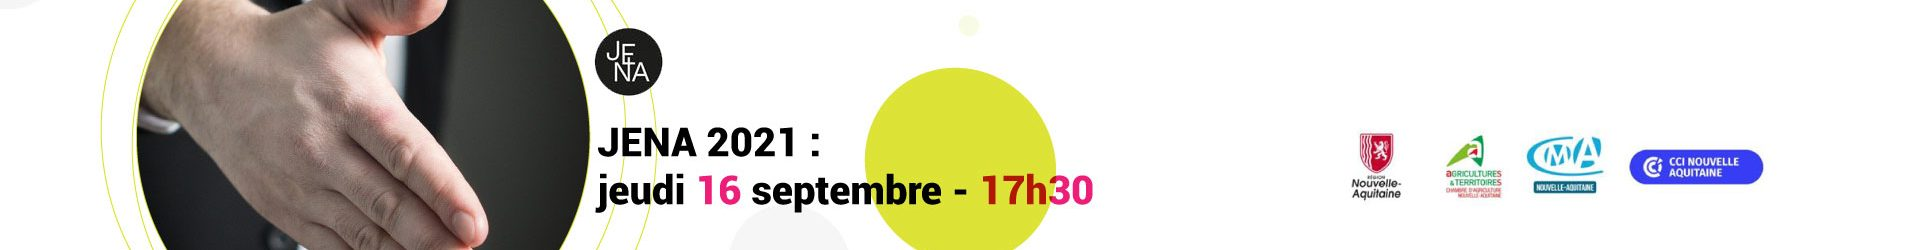 Journée de l'économie Nouvelle-Aquitaine 2021